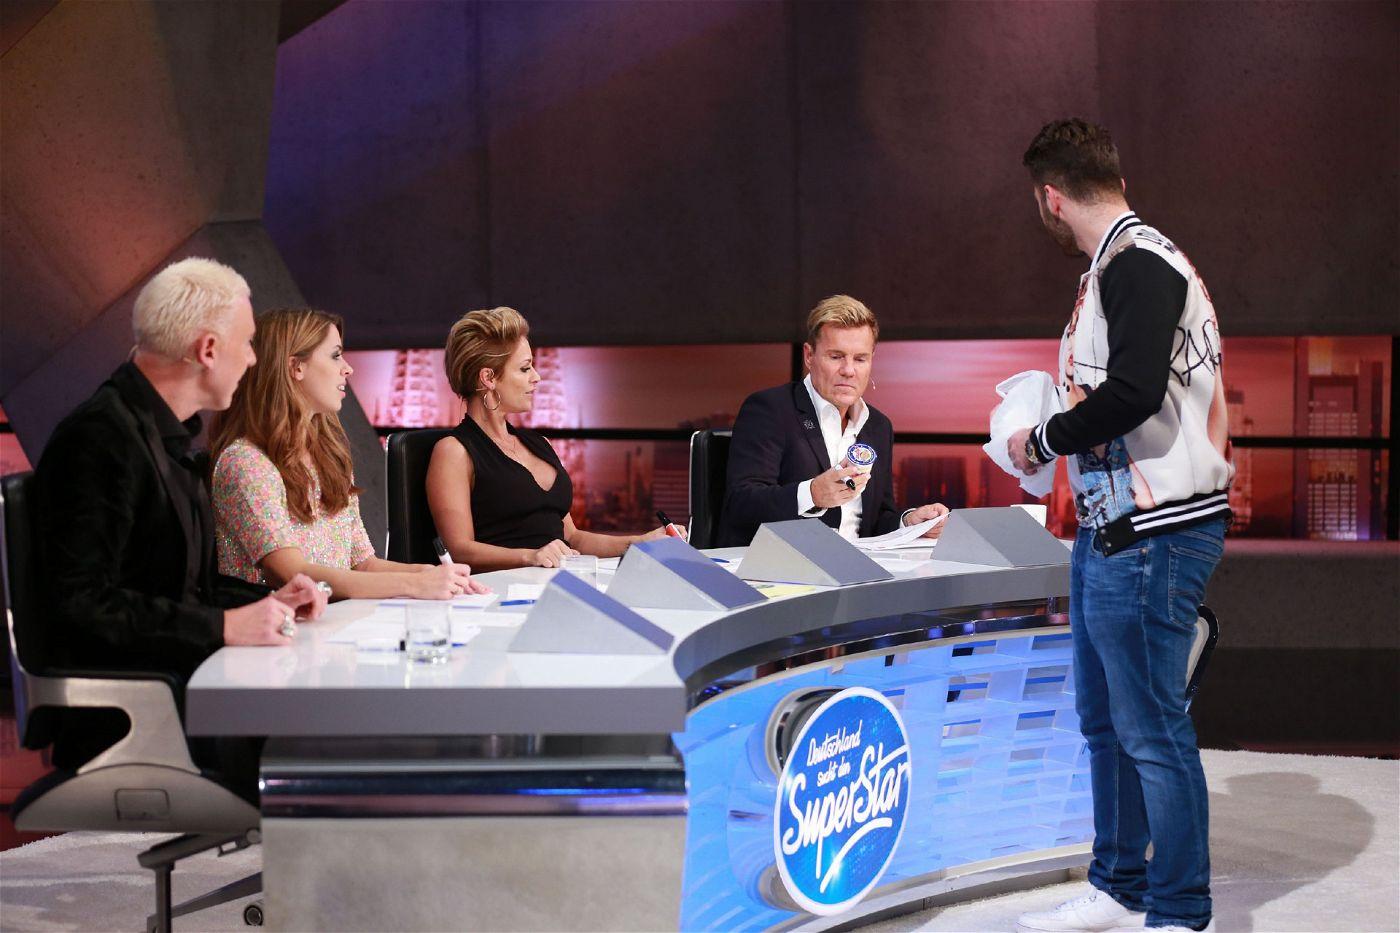 Um im Casting zu überzeugen, soll jedes Jury-Mitglied ein Wort auf einen Zettel schreiben.